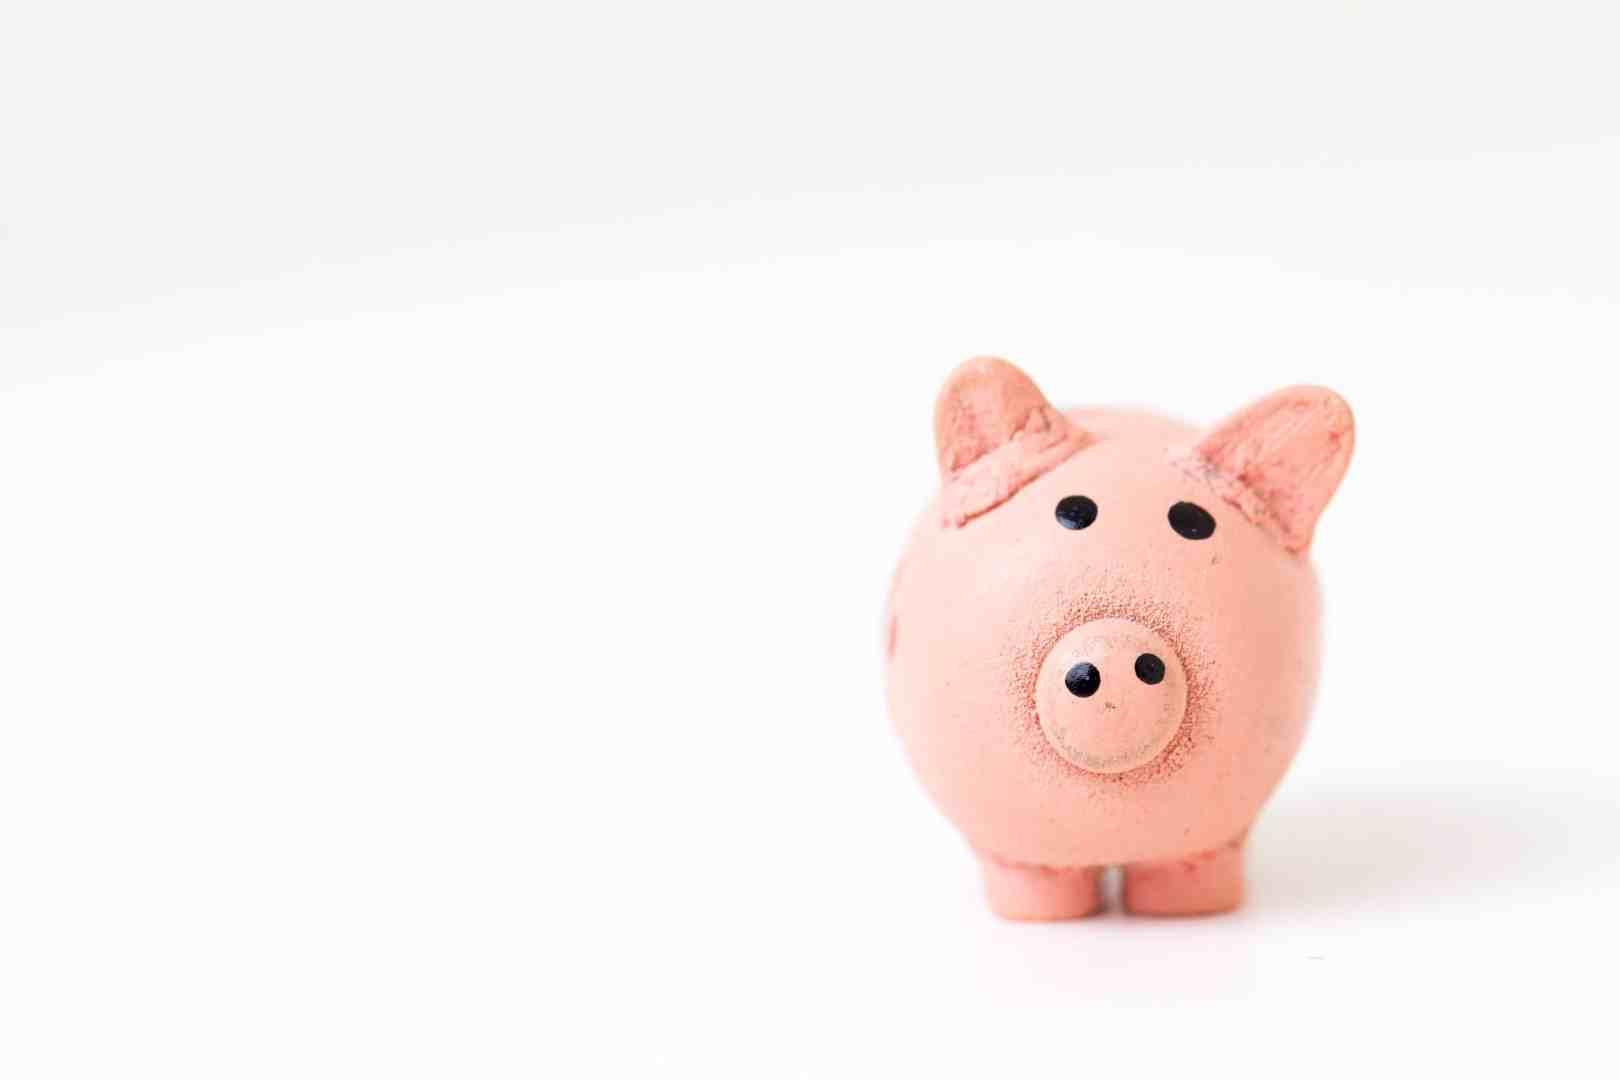 cochon économiser forfaits internet cellulaire